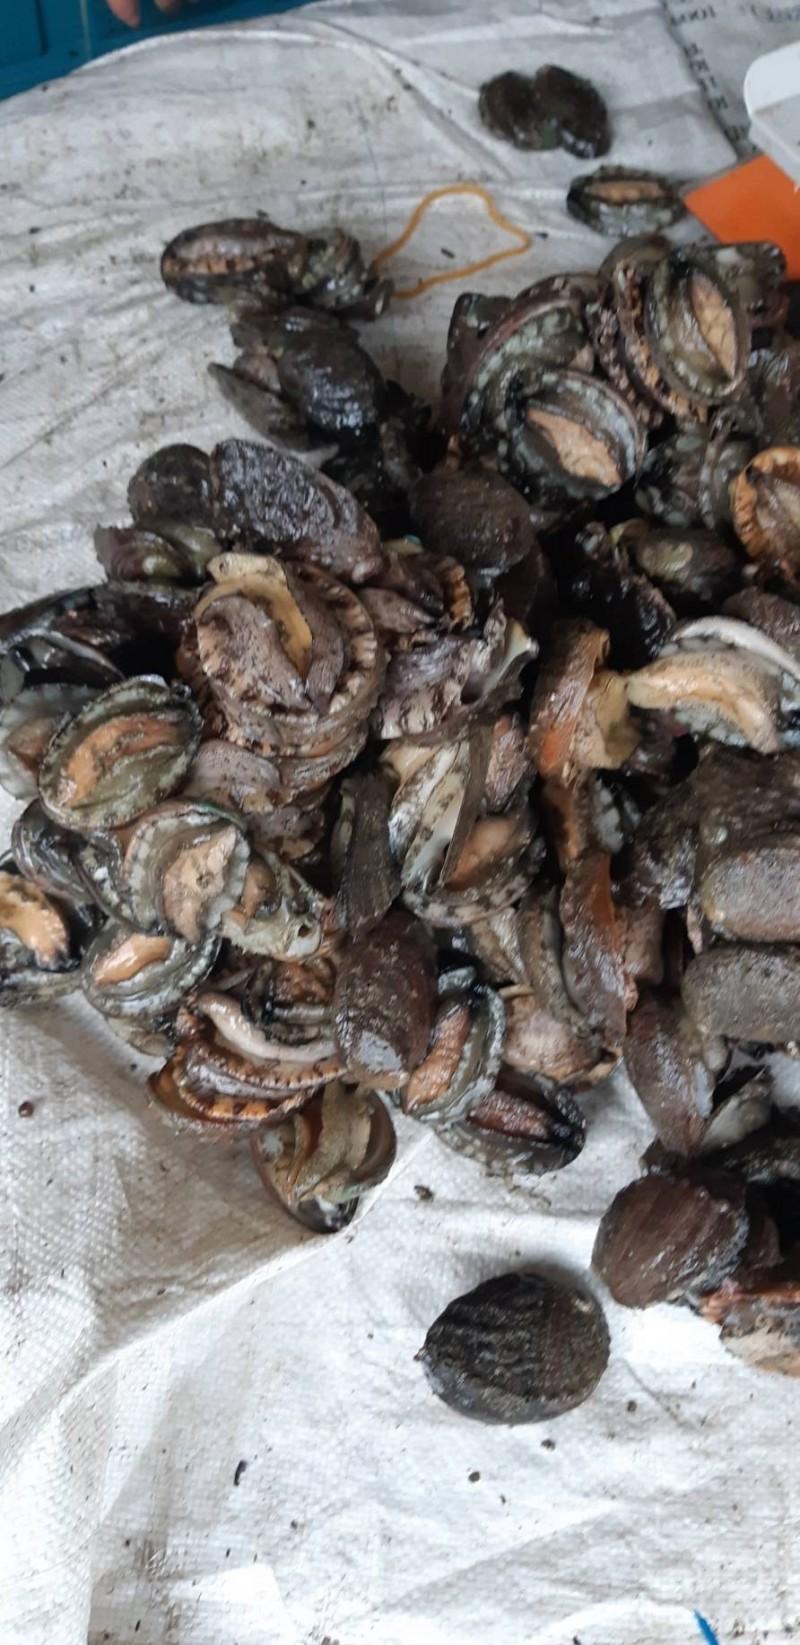 貢寮鮑受中國傾銷影響,業者估計還有約12萬台斤賣不出去。(新北市鮑魚生產合作社理事主席吳勝福提供)